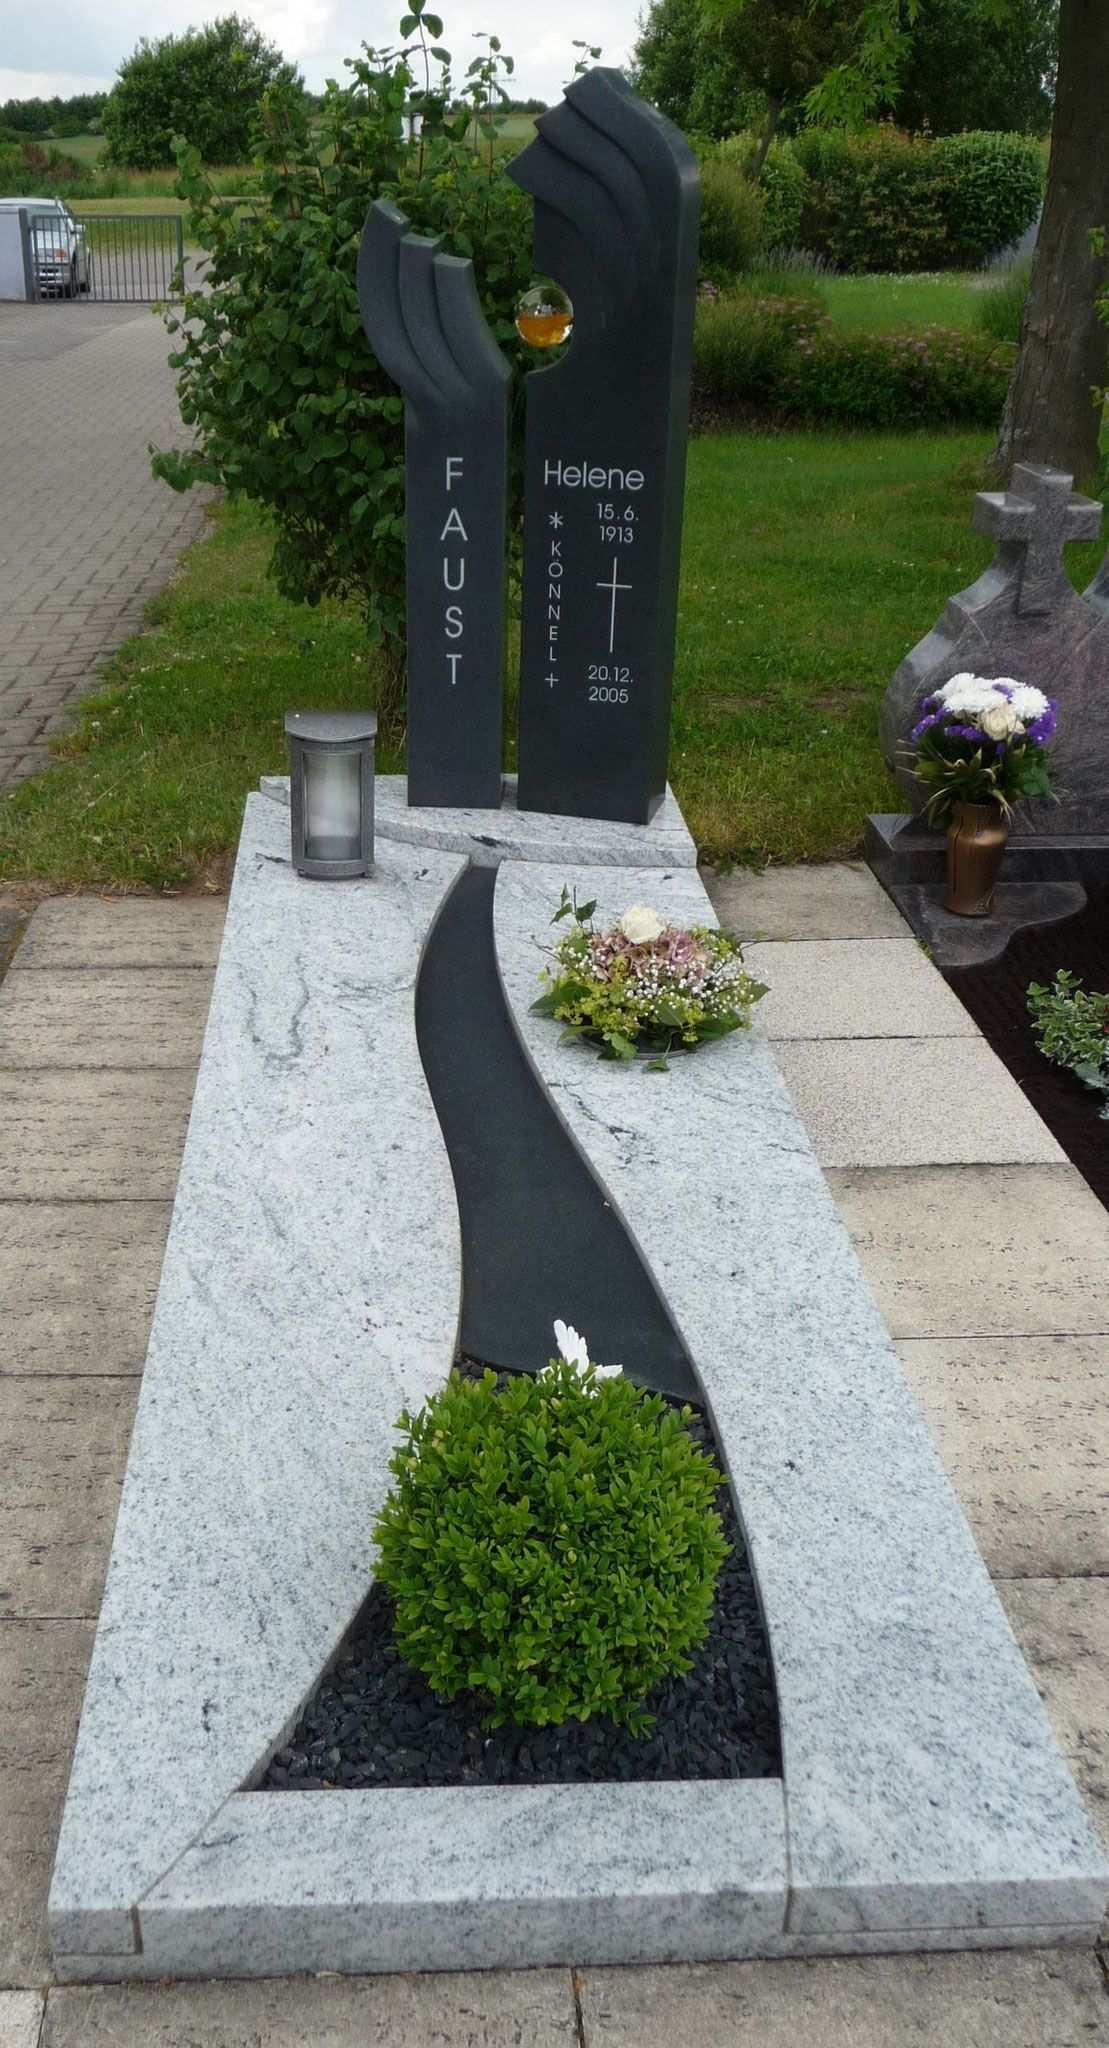 Einzelgrab Grabmale Stucky Heltersberg Grabsteine In 2020 Friedhofs Dekorationen Grabgestaltung Grabbepflanzung Herbst